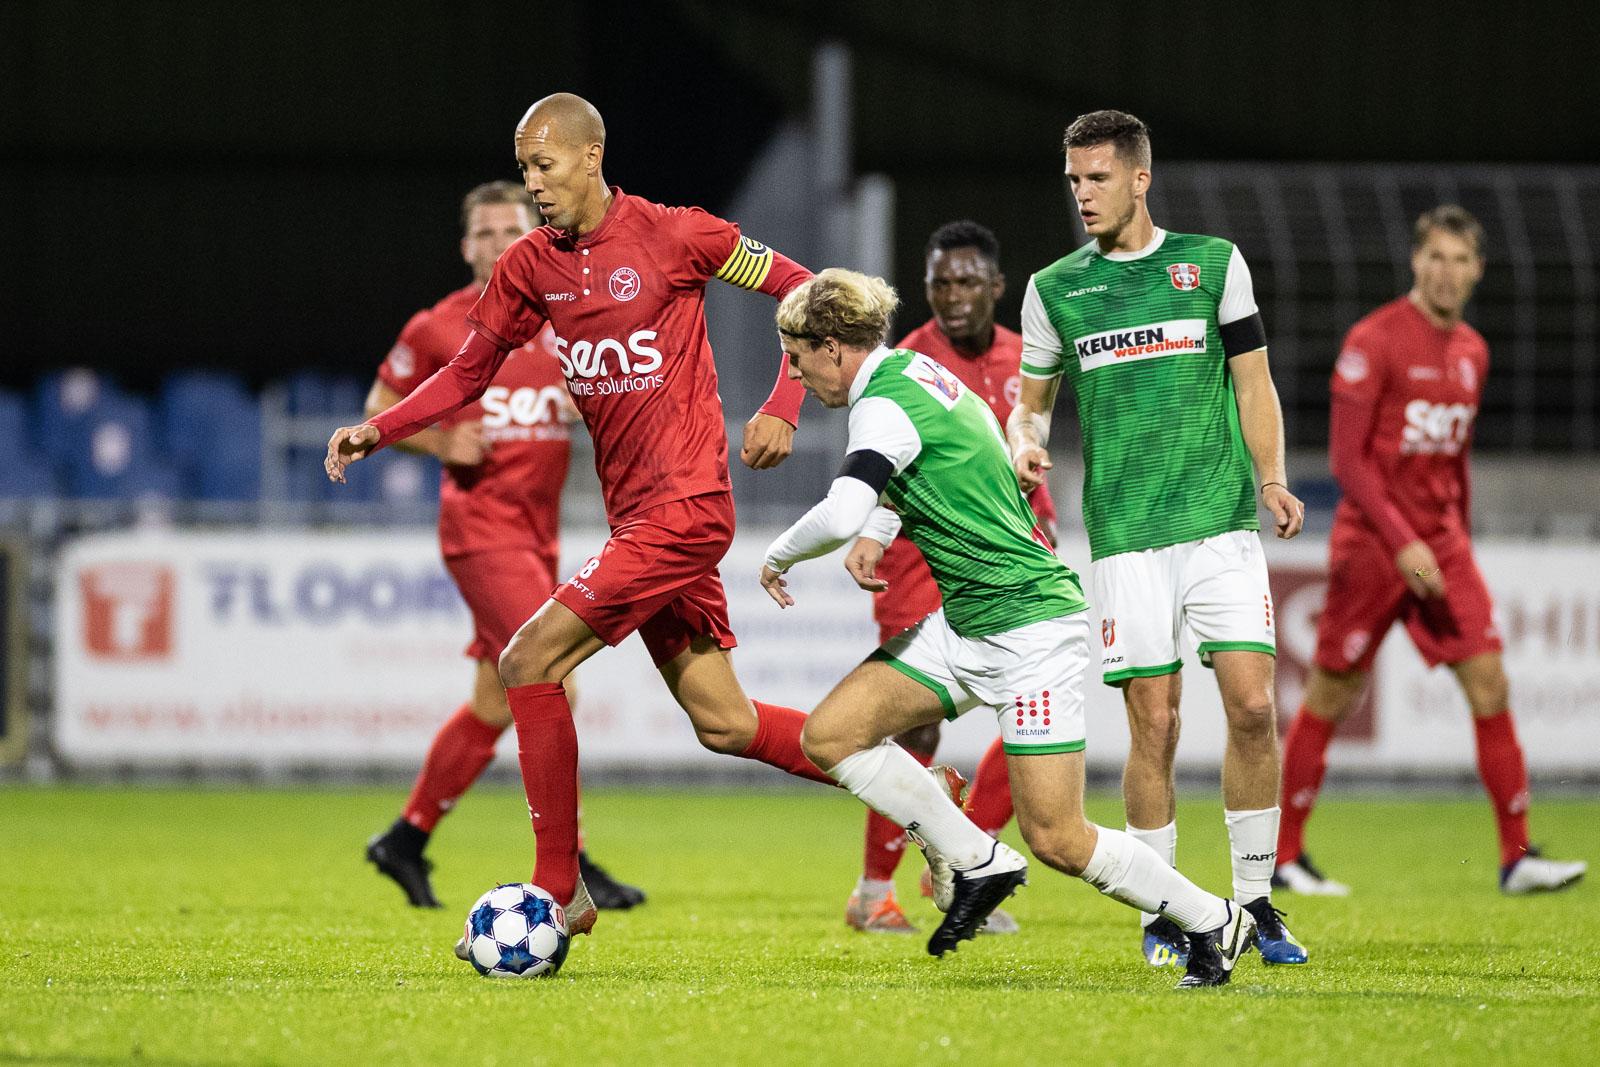 Teleurstellend gelijkspel tegen hekkensluiter FC Dordrecht